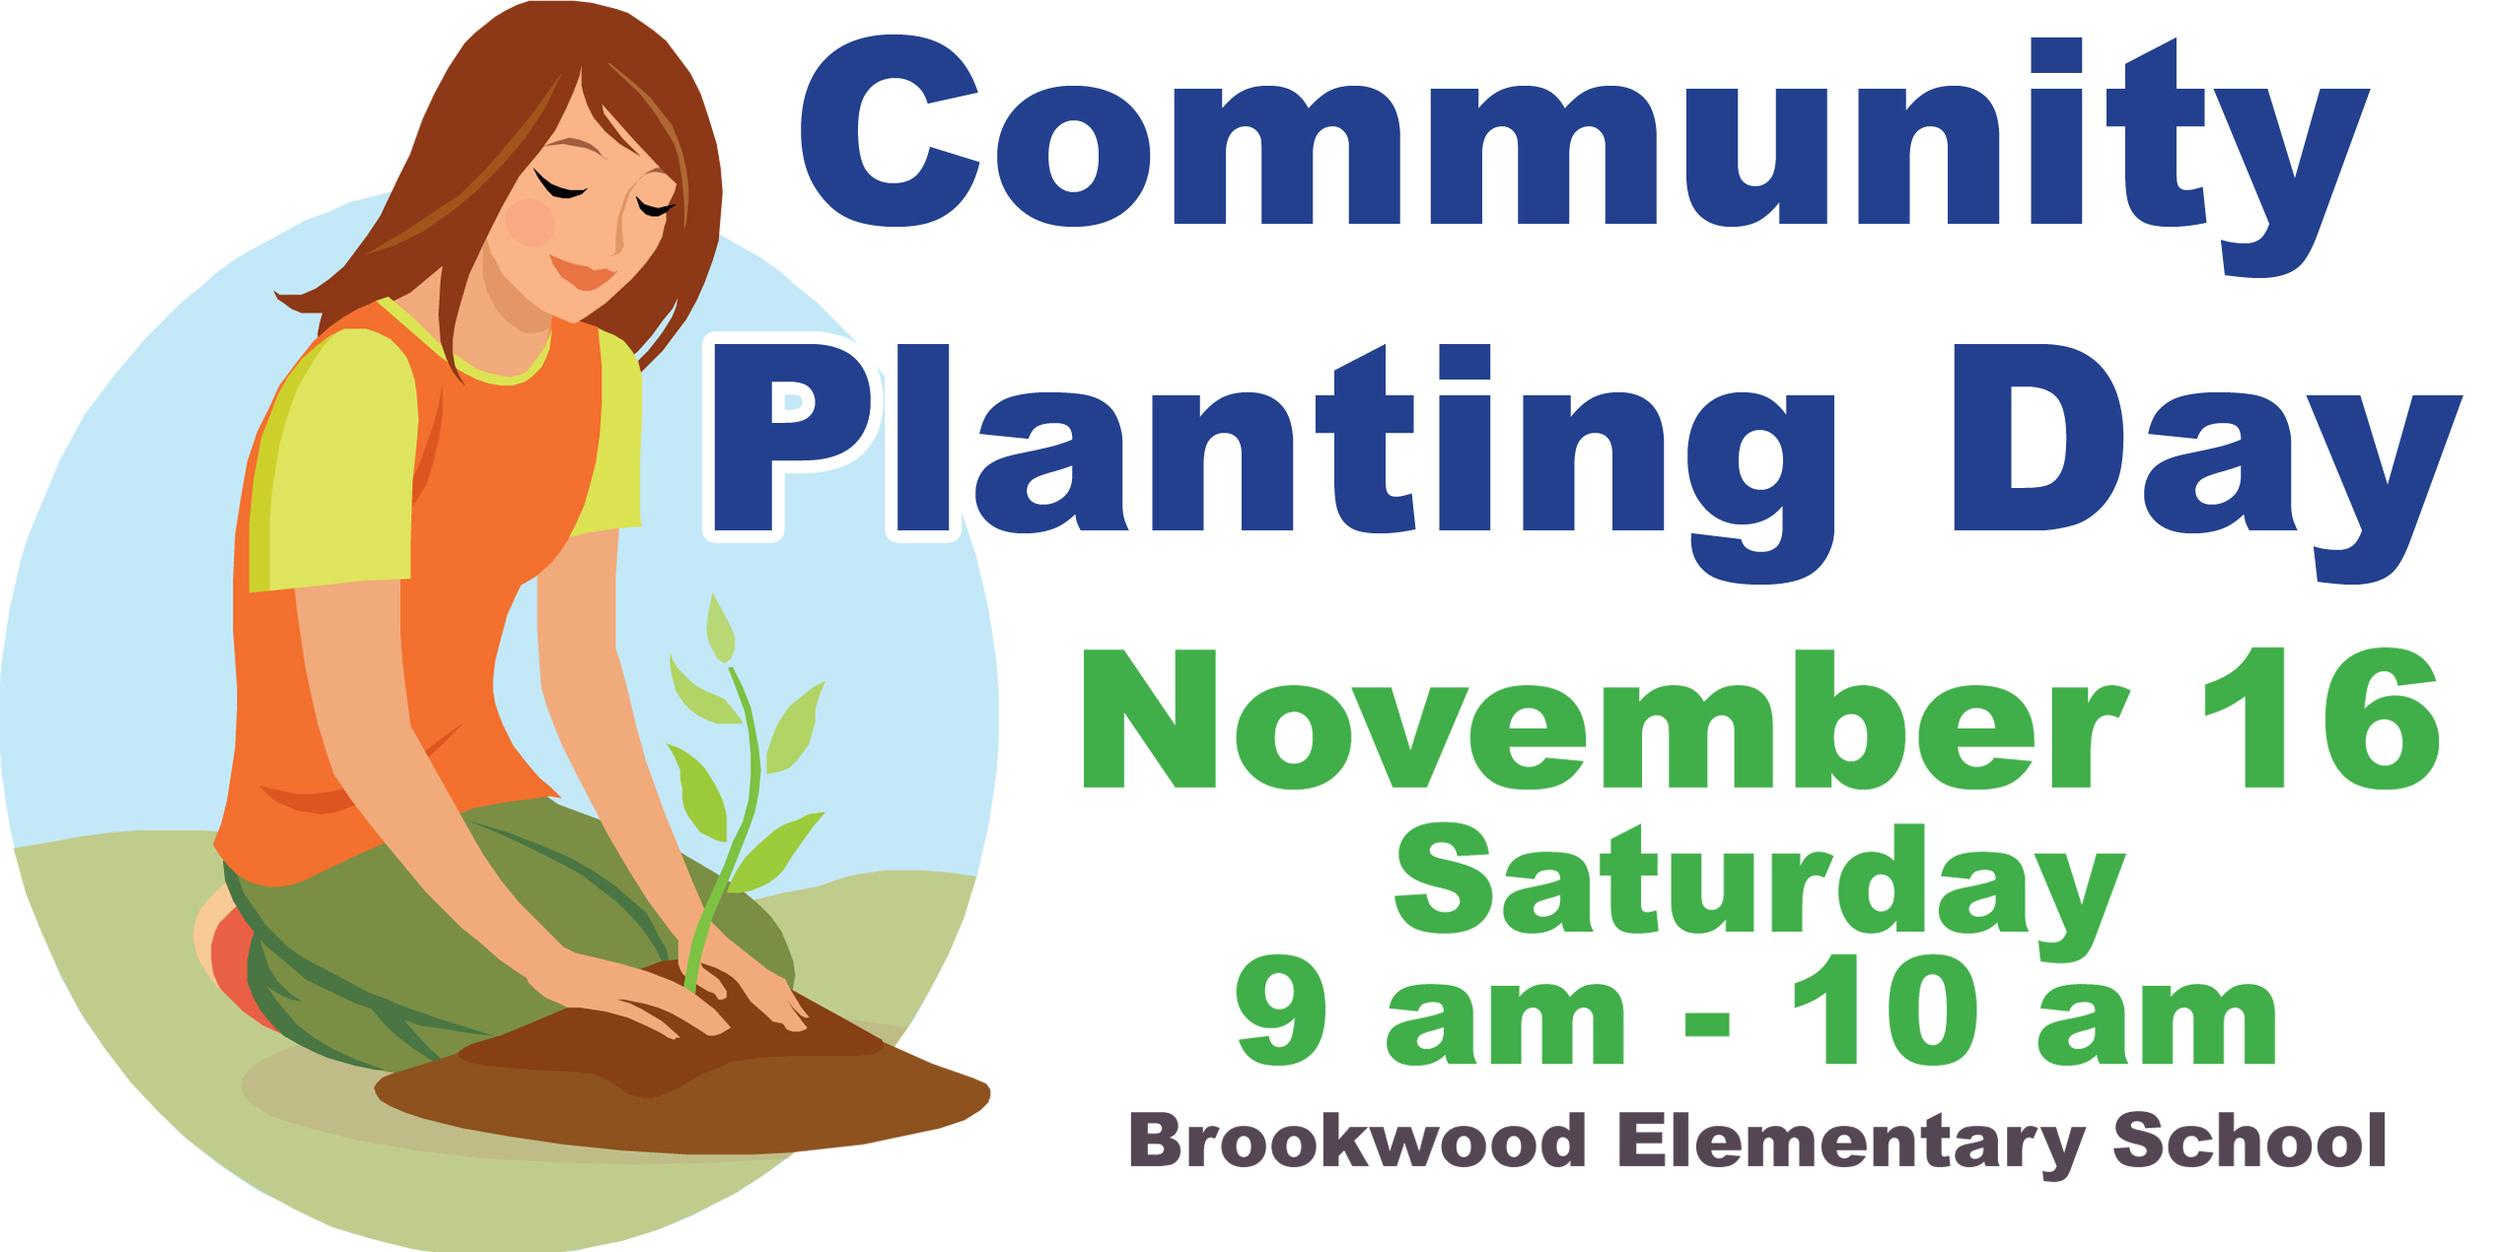 Community Planting Day 2013 LOGO.jpg